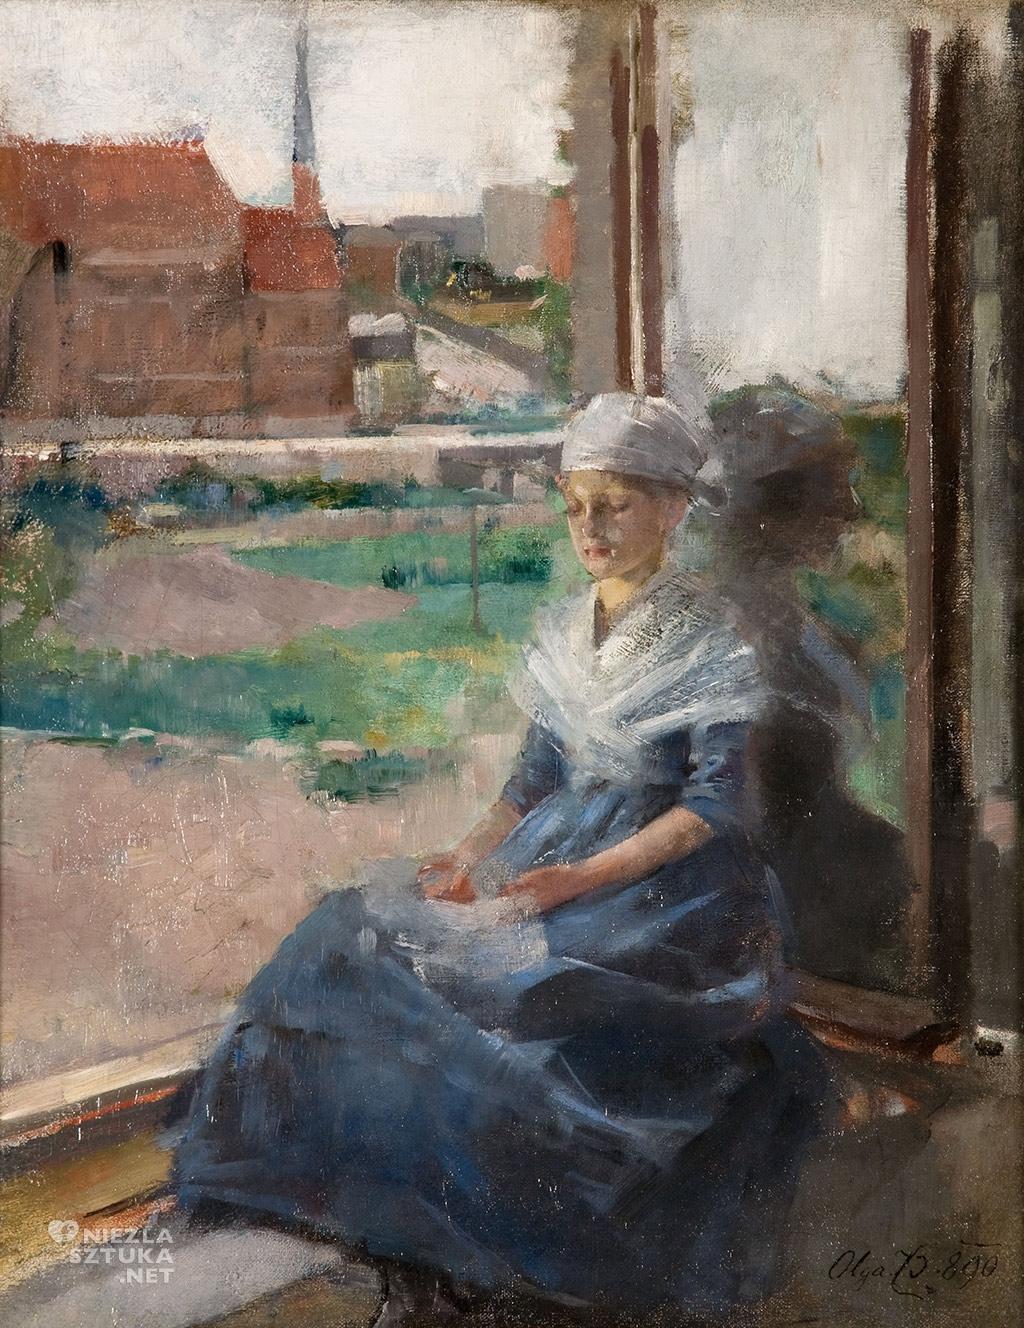 Olga Boznańska, Bretonka, Muzeum Narodowe w Krakowie, sztuka polska, malarstwo polskie, Niezła sztuka